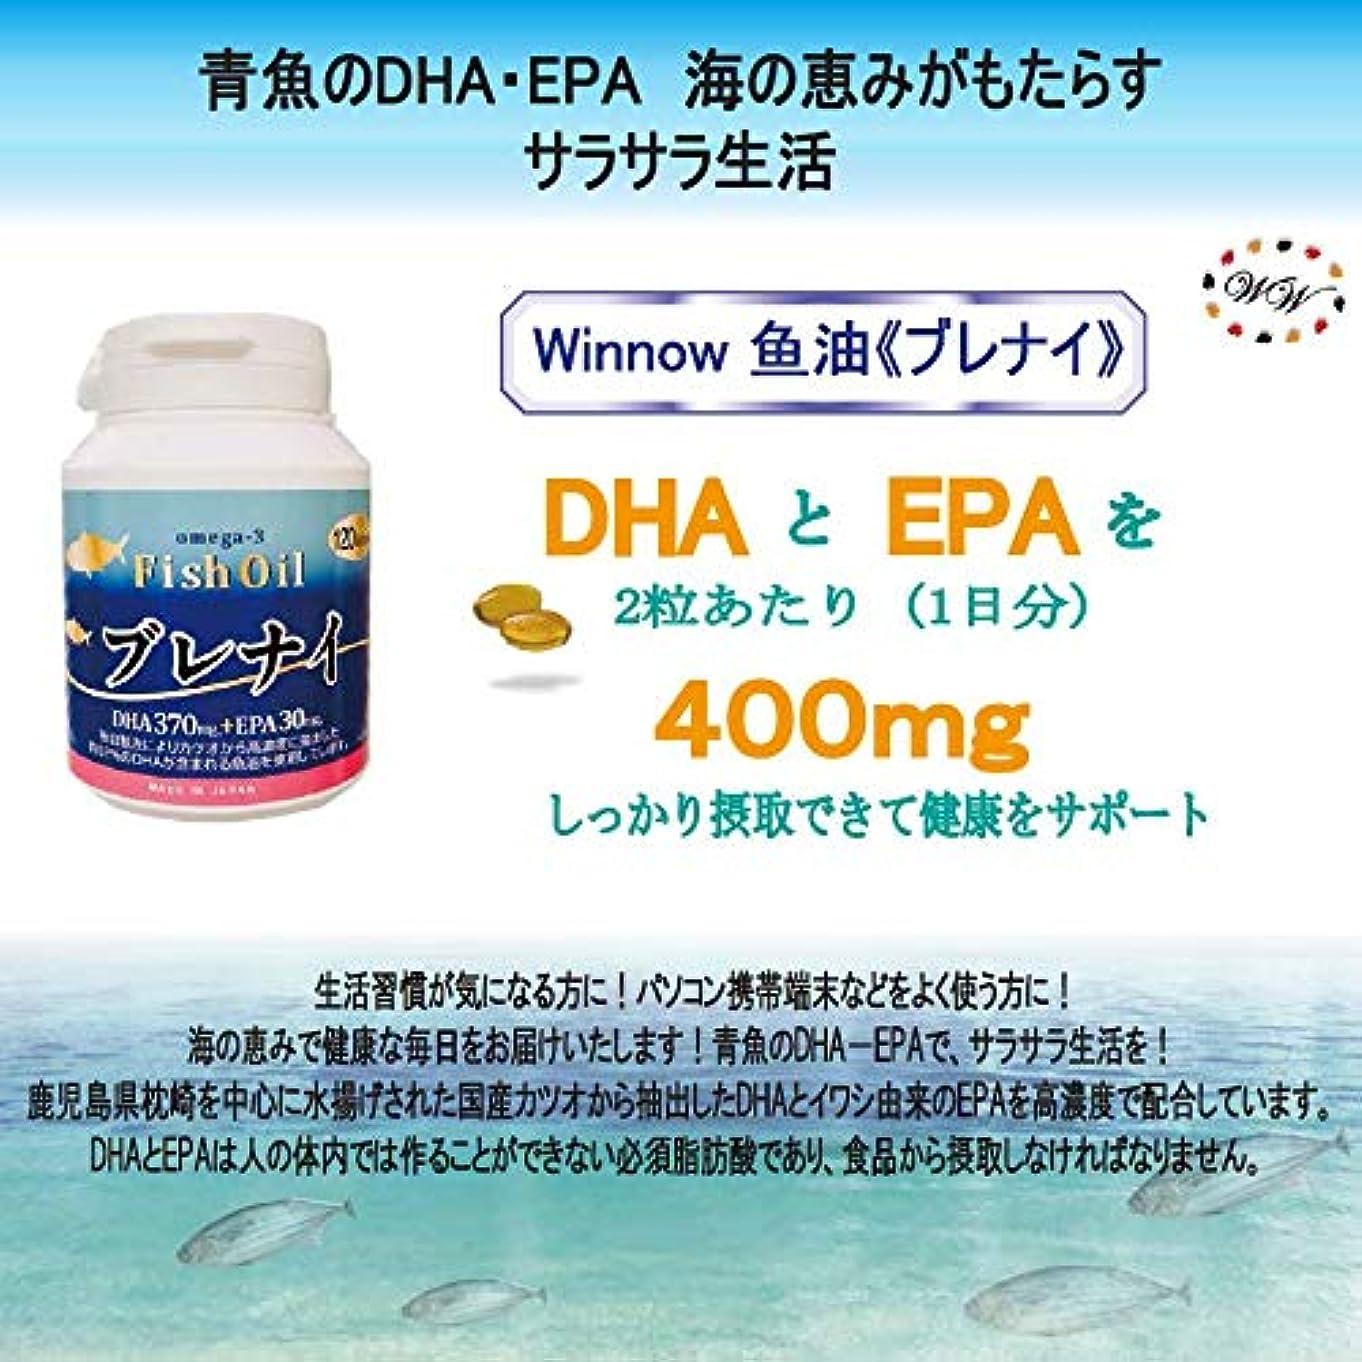 不純社会メロディアスWinnow魚油<ブレナイ> オメガ3脂肪酸 Omega3 Fish oil 日本産高濃度DHA、EPA / 120粒入り